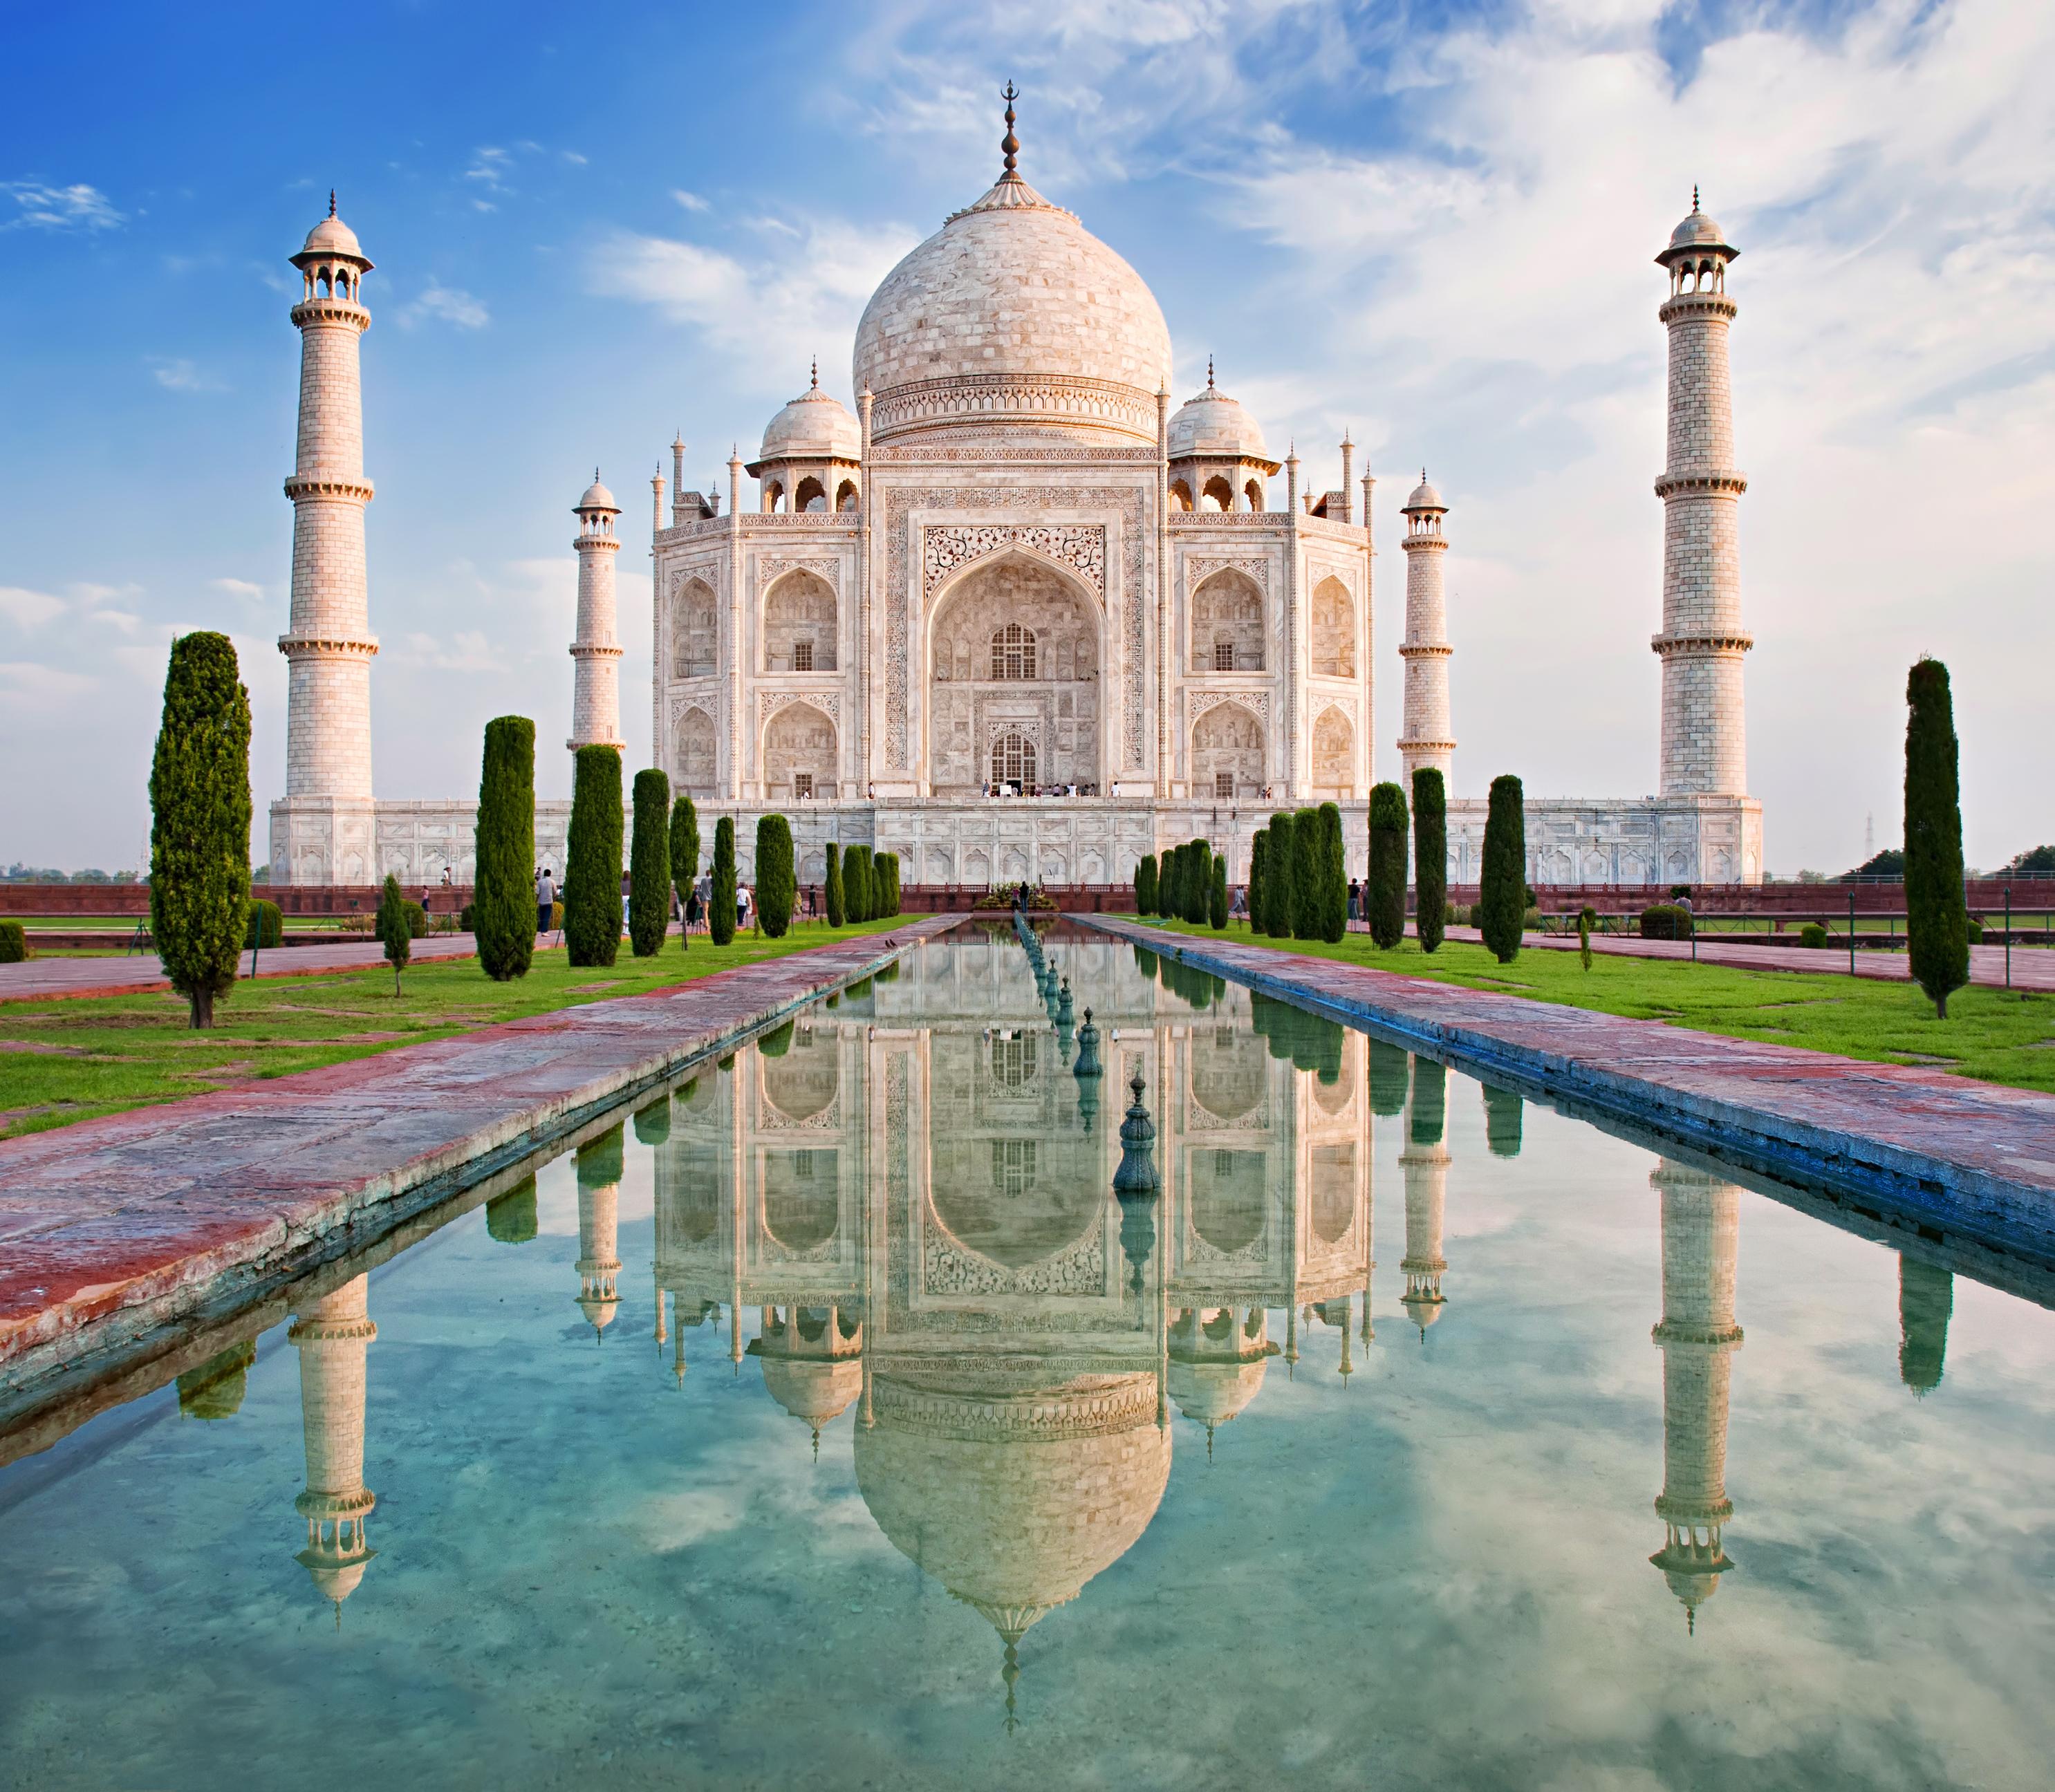 ทัวร์อินเดีย ทัชมาฮาล ชัยปุระ นครสีชมพู 4วัน 2คืน  (SEP-OCT18) (FD)